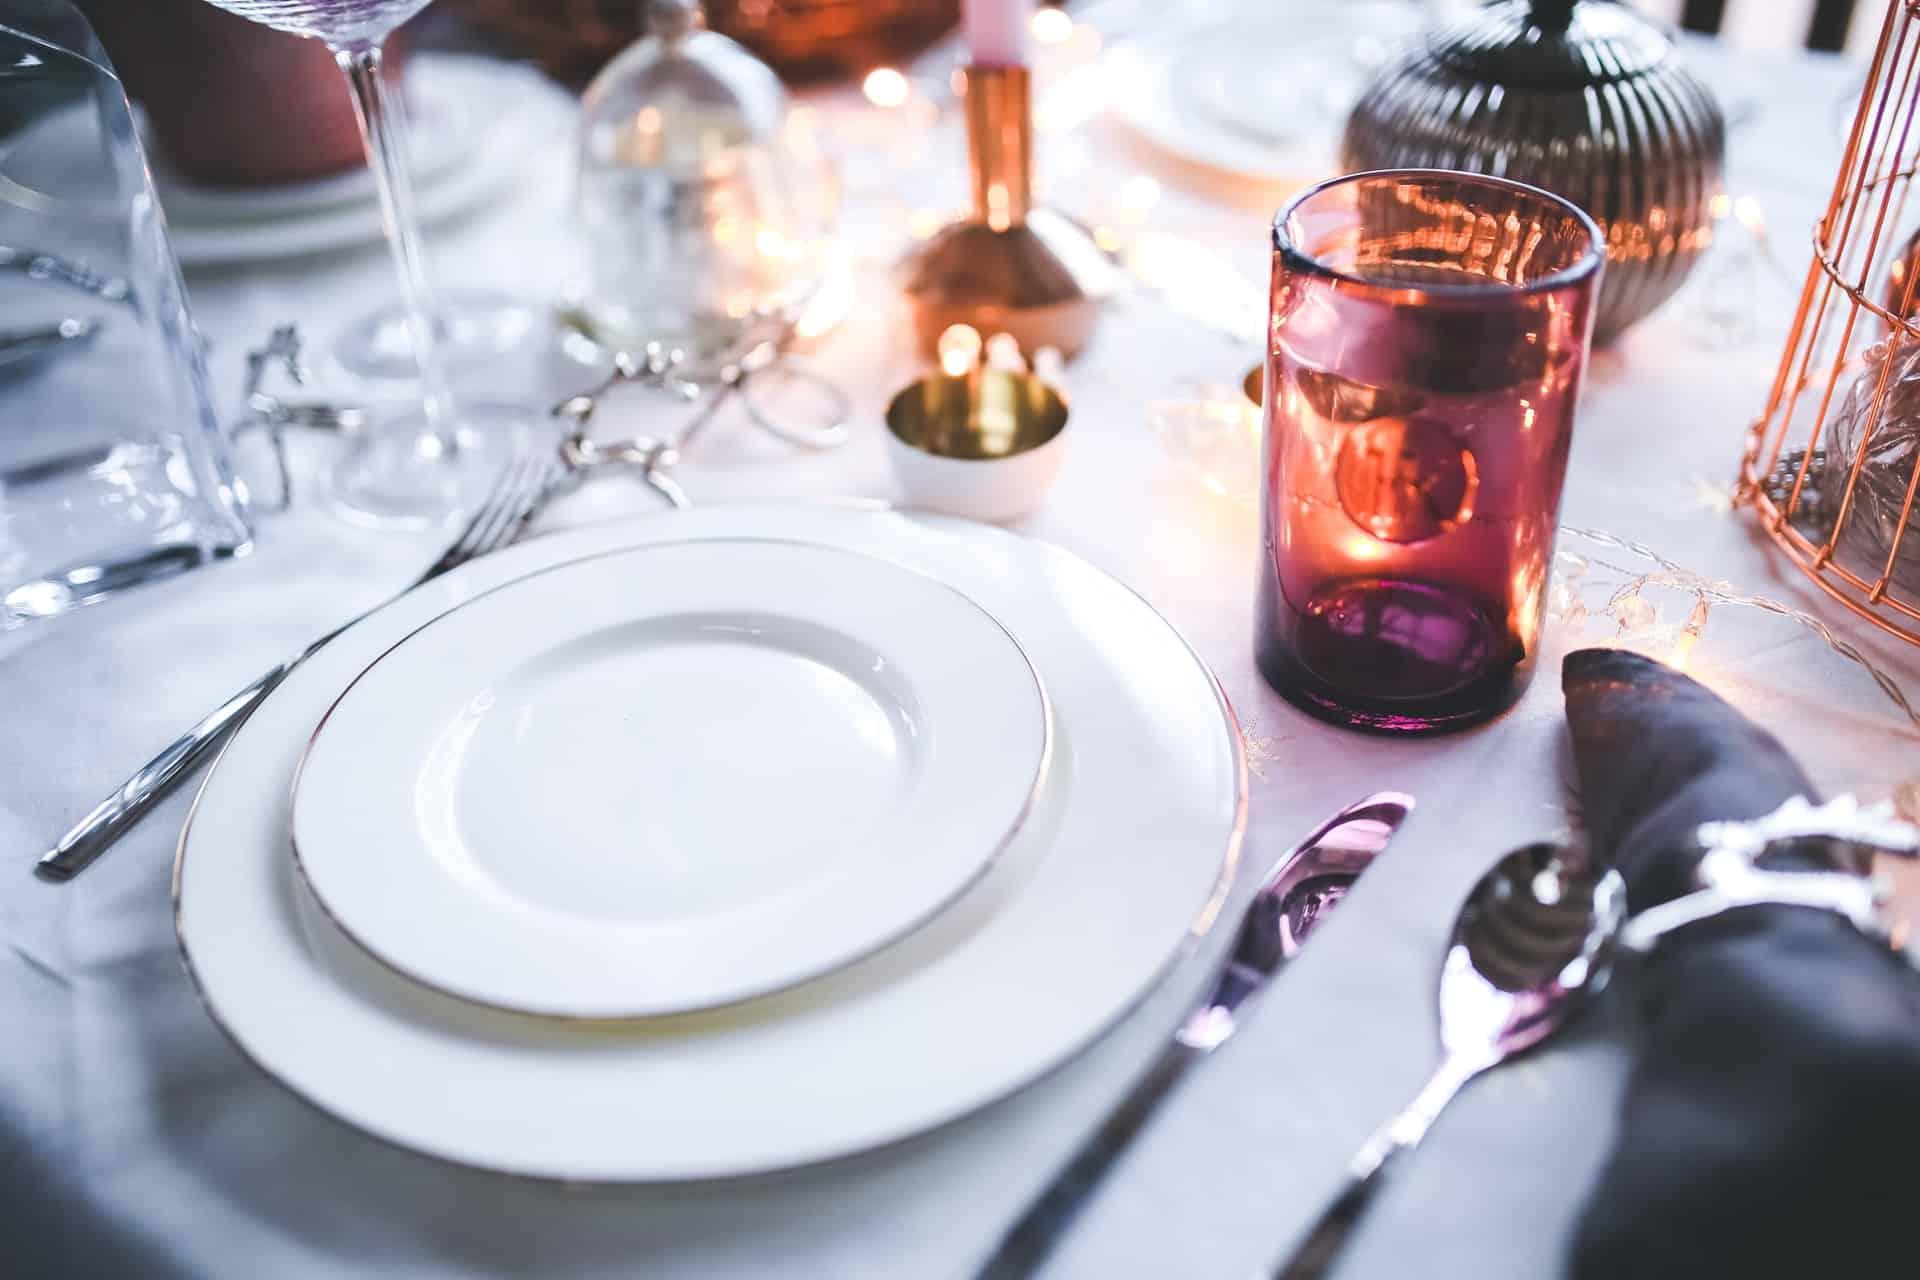 Imagem de mesa de jantar com sousplat e louça branca com bordas douradas.